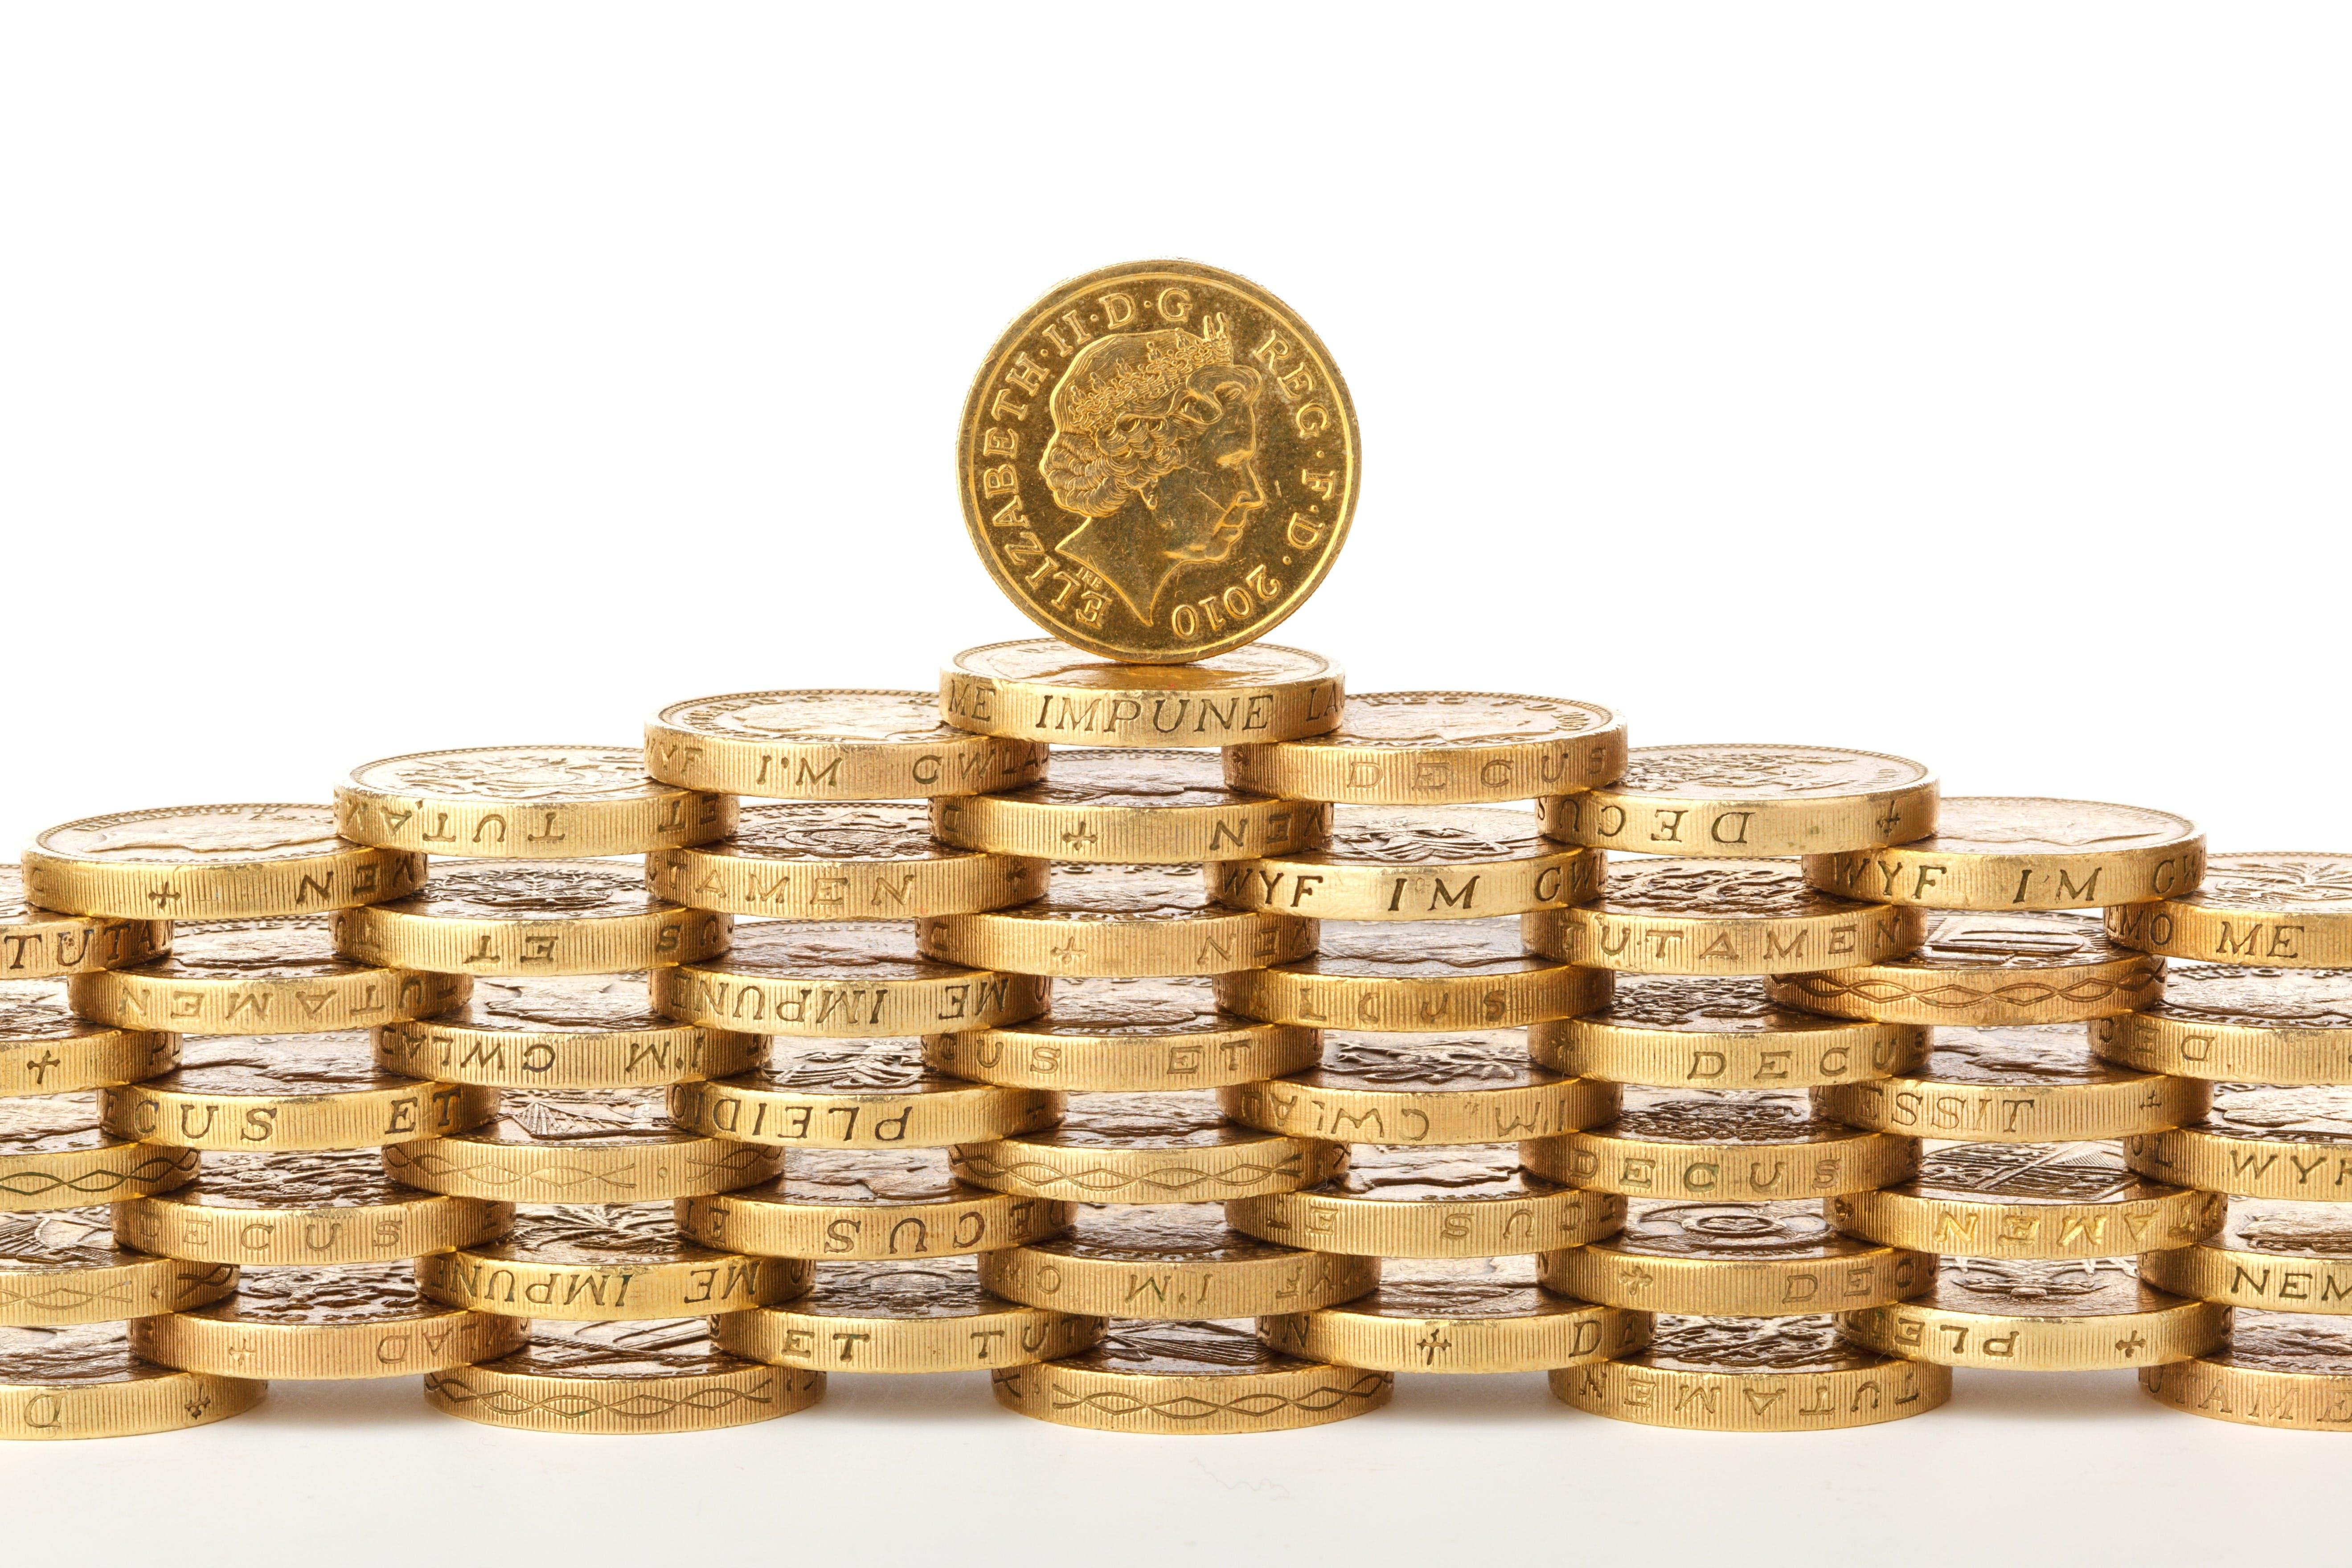 zu anzahlung, bank, britisch, ein pfund